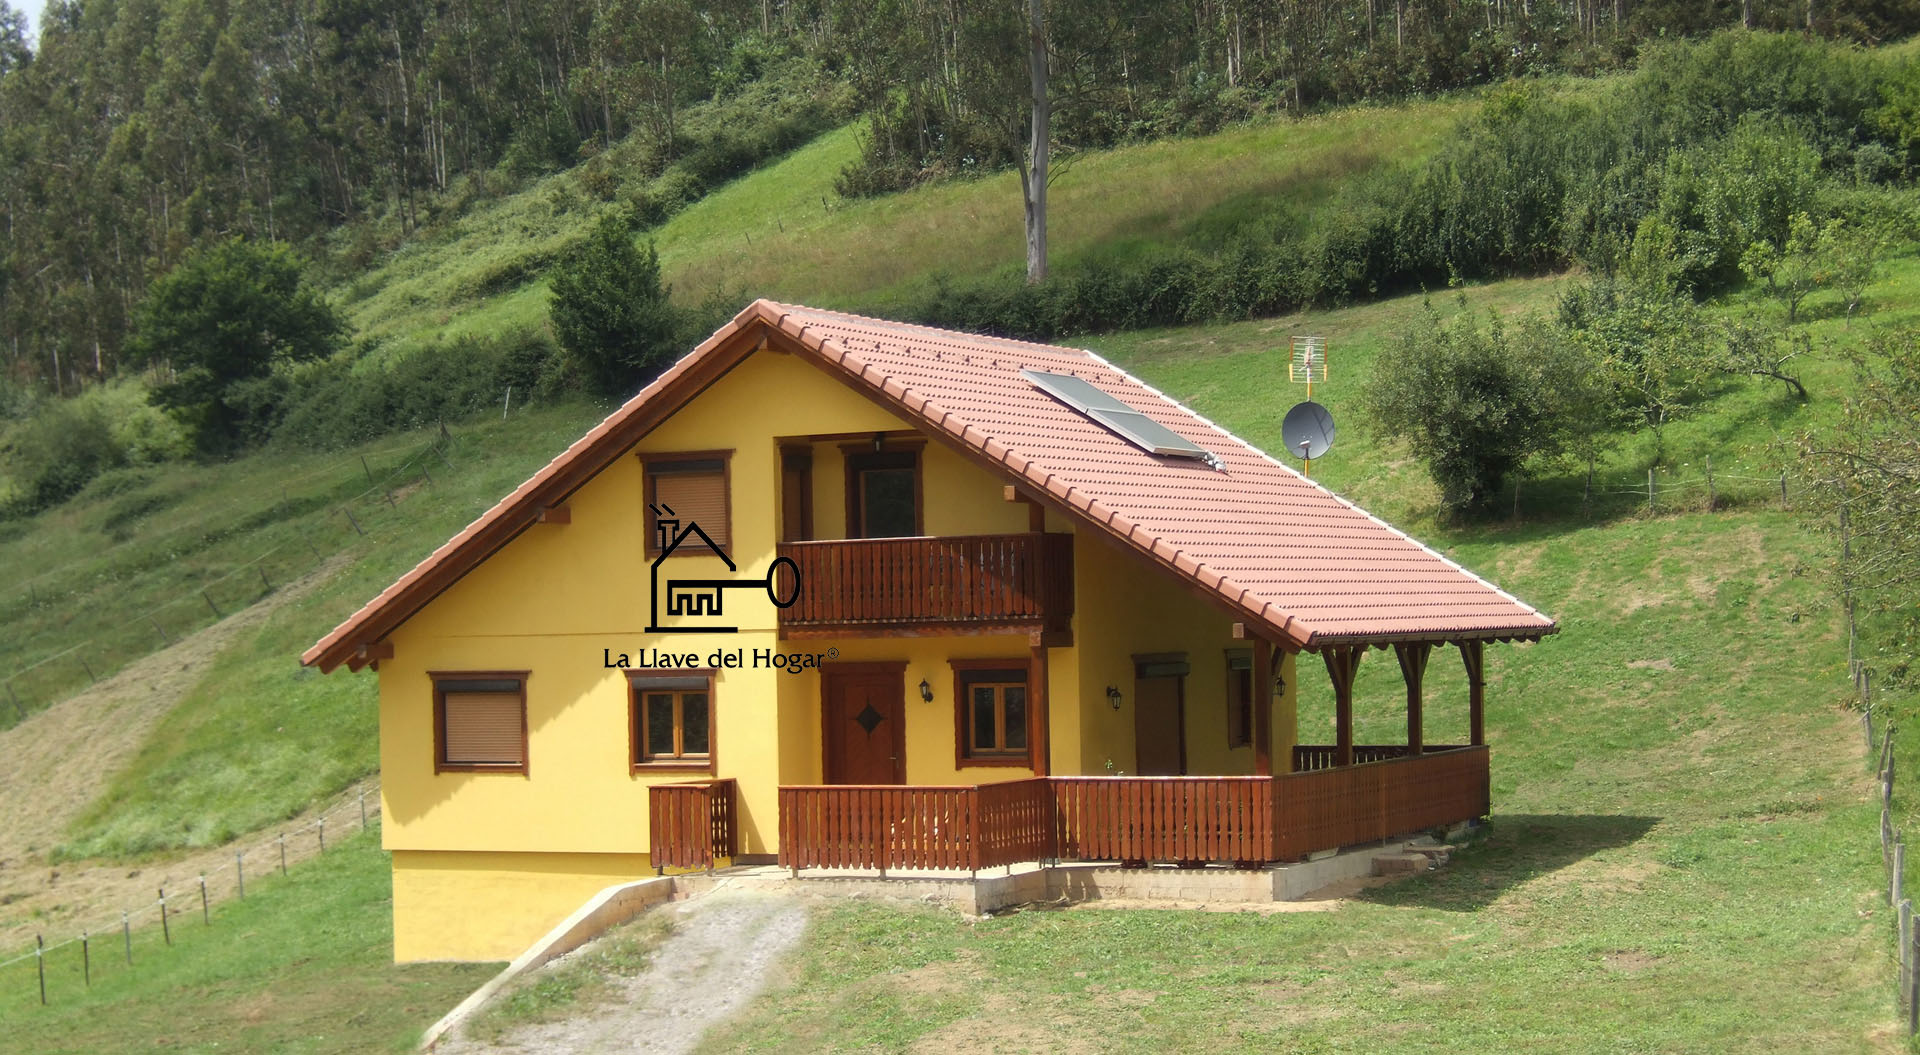 La llave del hogar casas de madera y entramado ligero - Casa de madera jardin ...